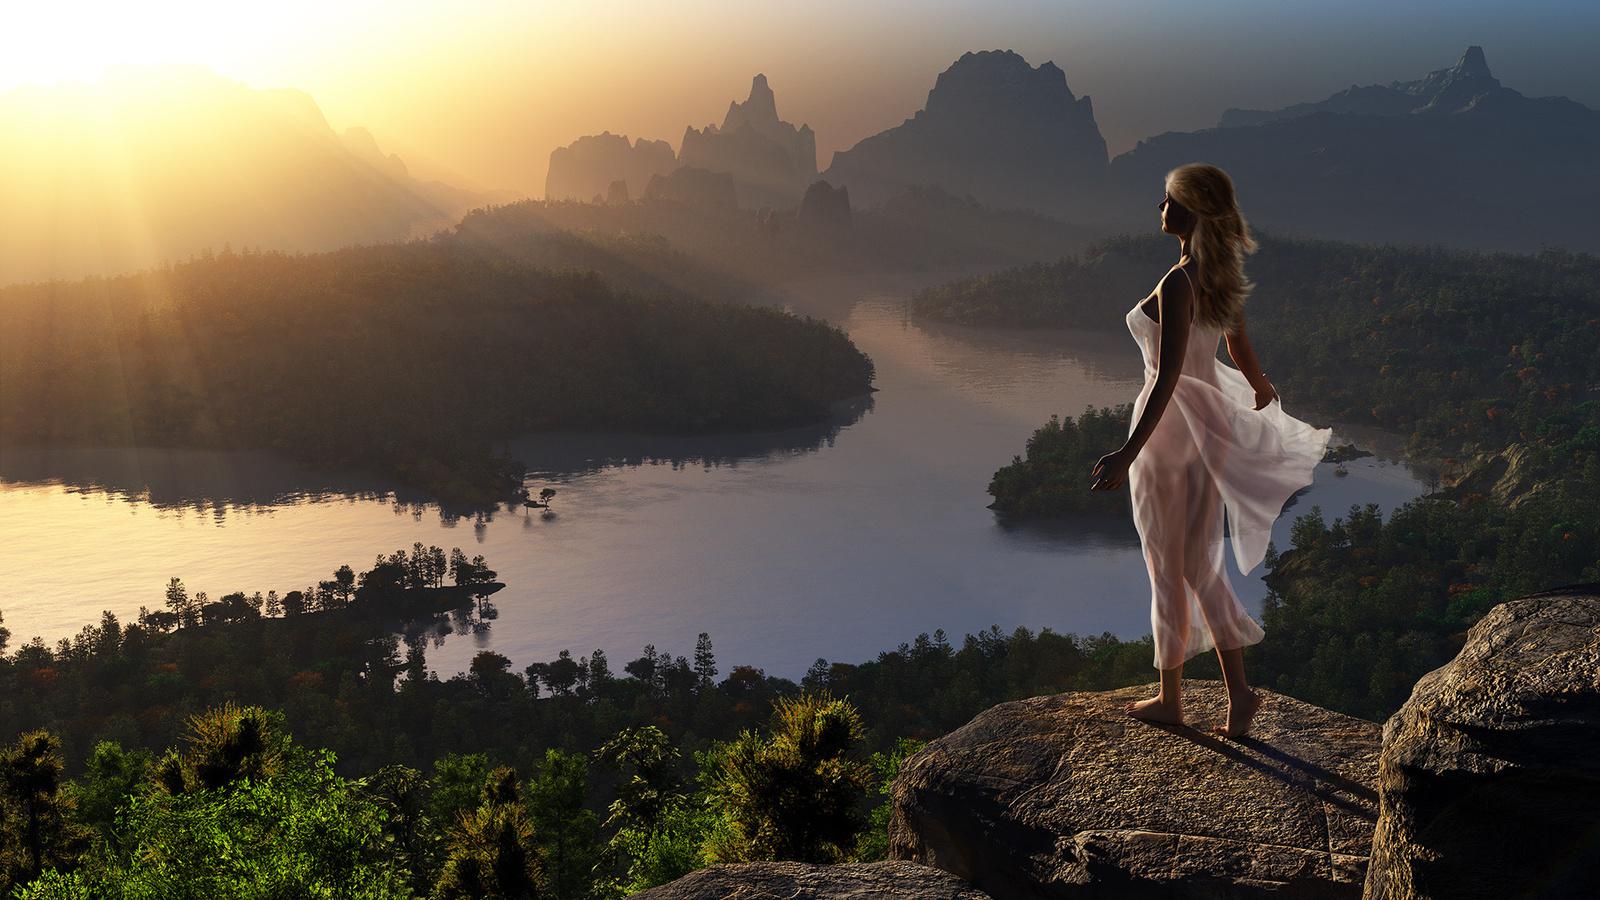 пейзаж, горы, река, девушка, 3, д